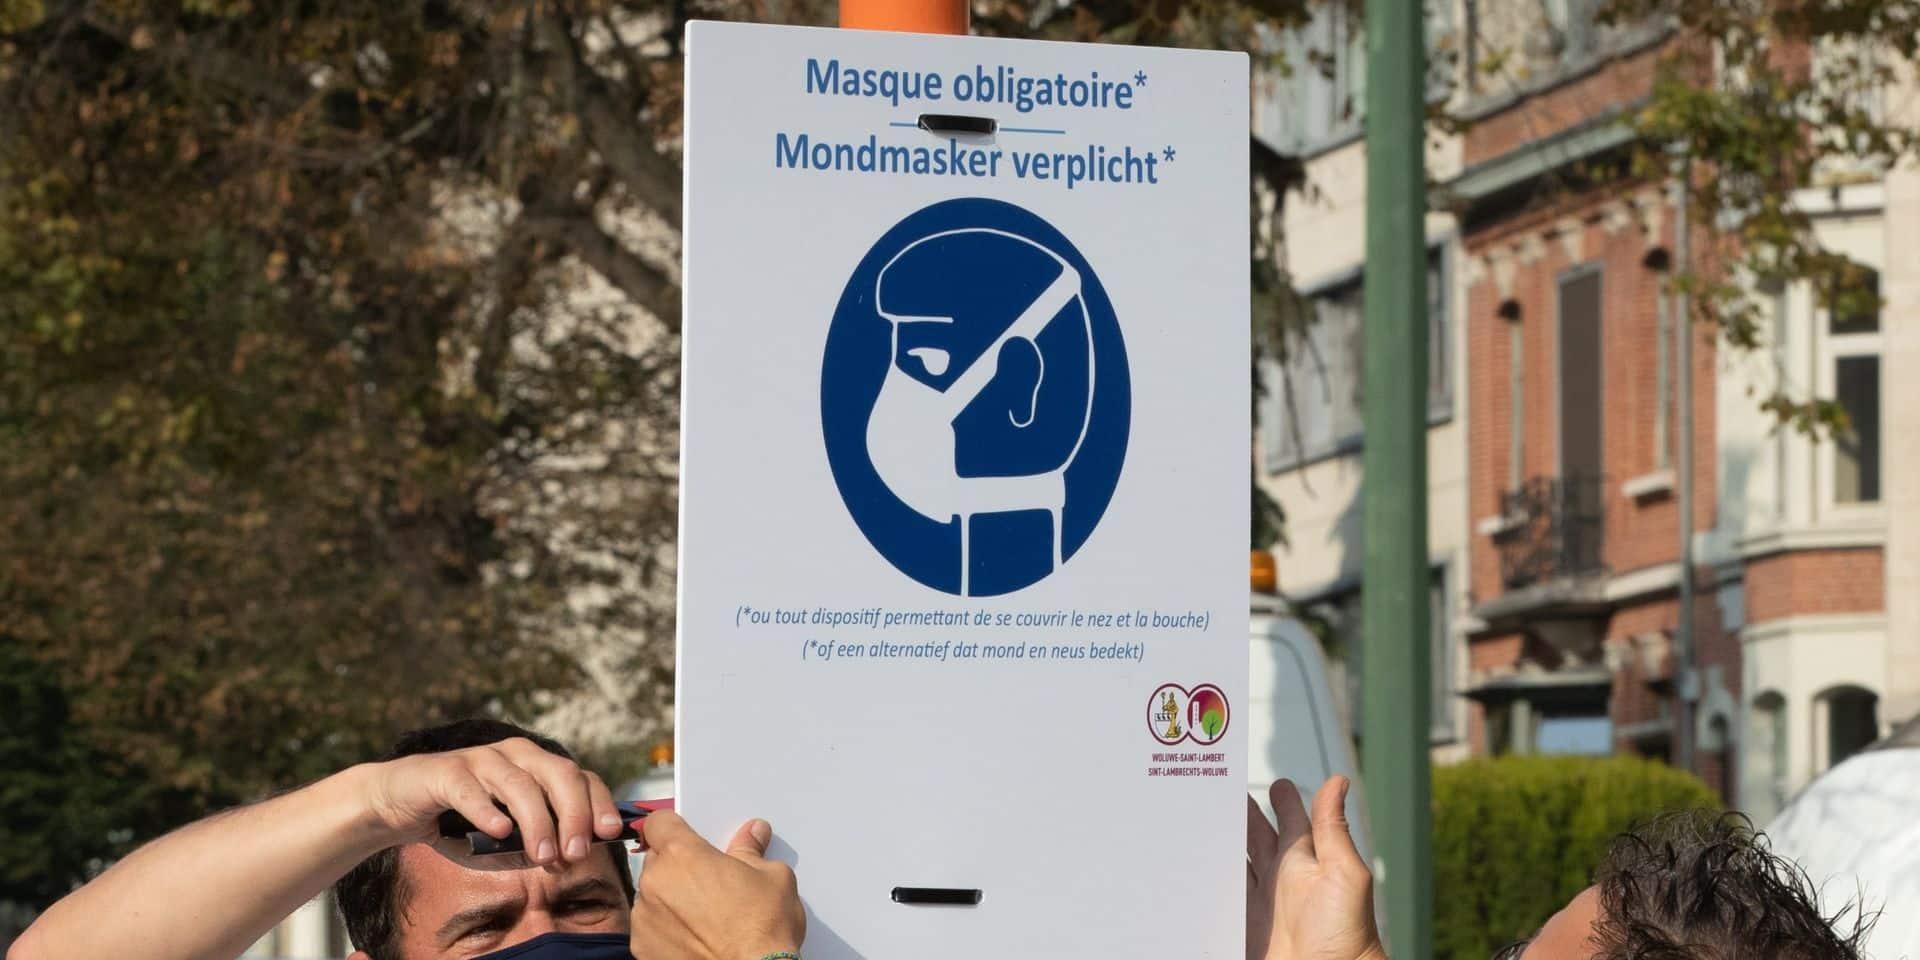 Assouplissement de l'obligation de port du masque à La Panne, Coxyde et Nieuport